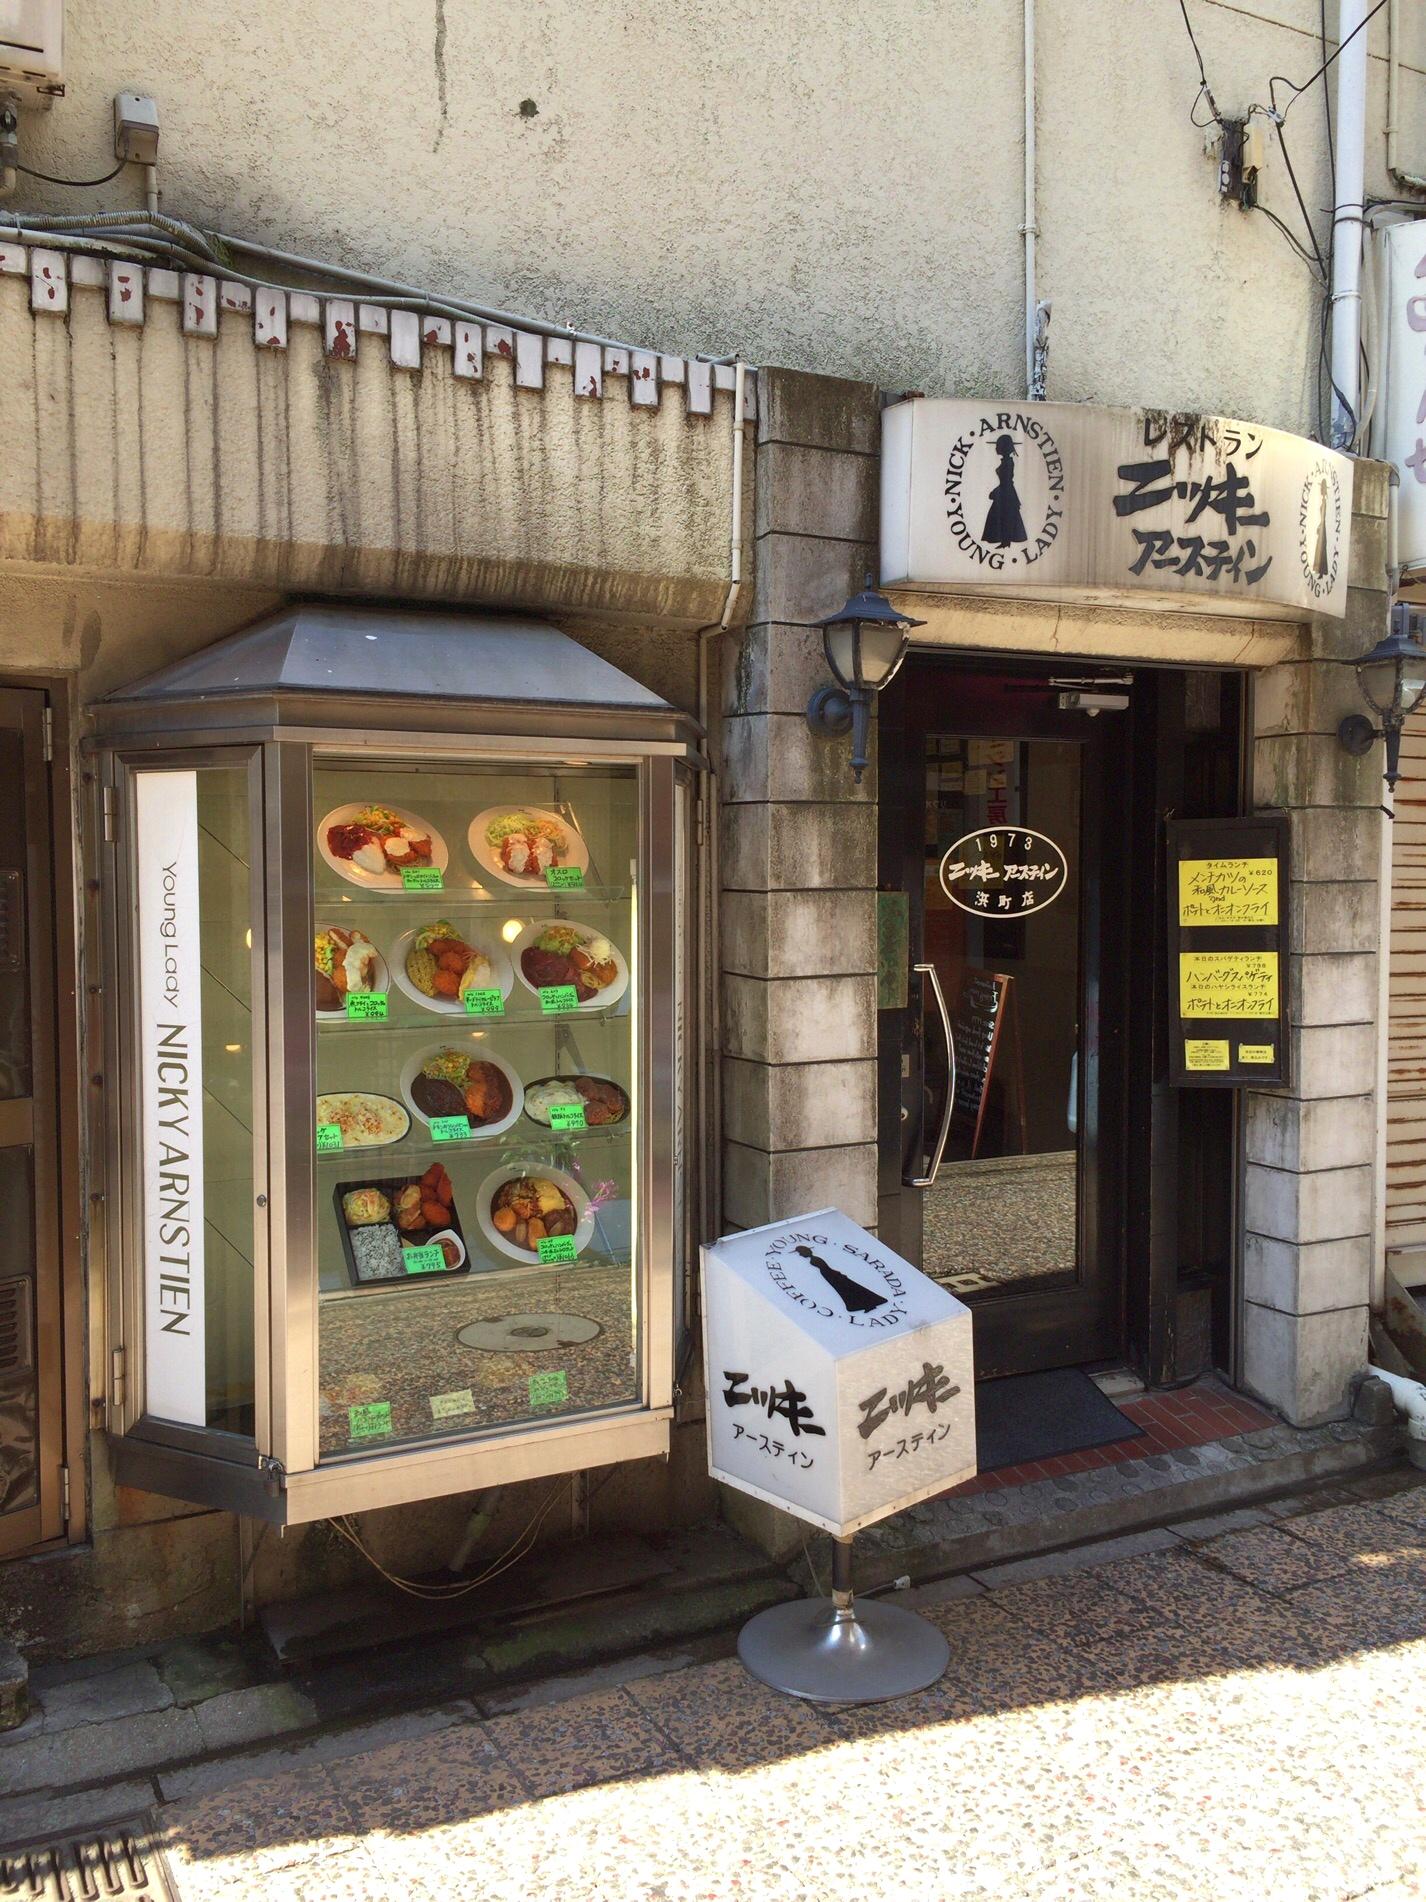 ニッキー・アースティンの店舗外観(撮影:中野龍三)。